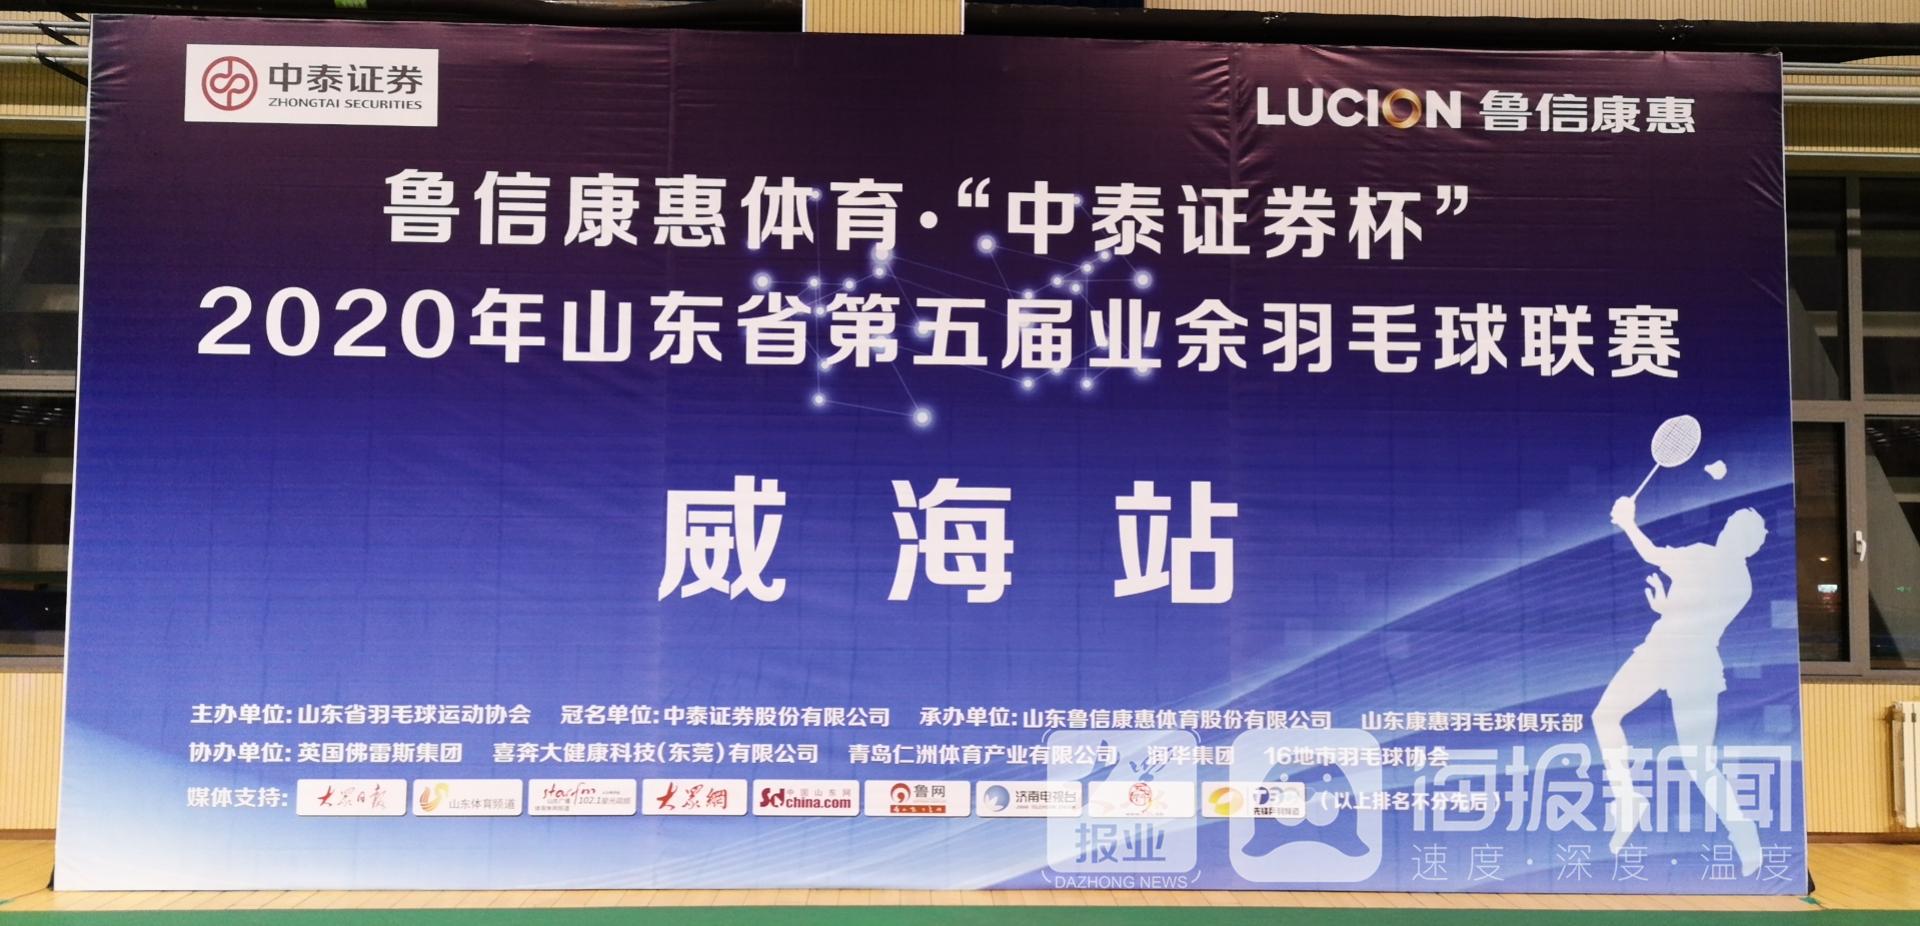 """鲁信康惠体育""""中泰证券杯""""2020年山东省第五届业余羽毛球联赛威海站收官"""